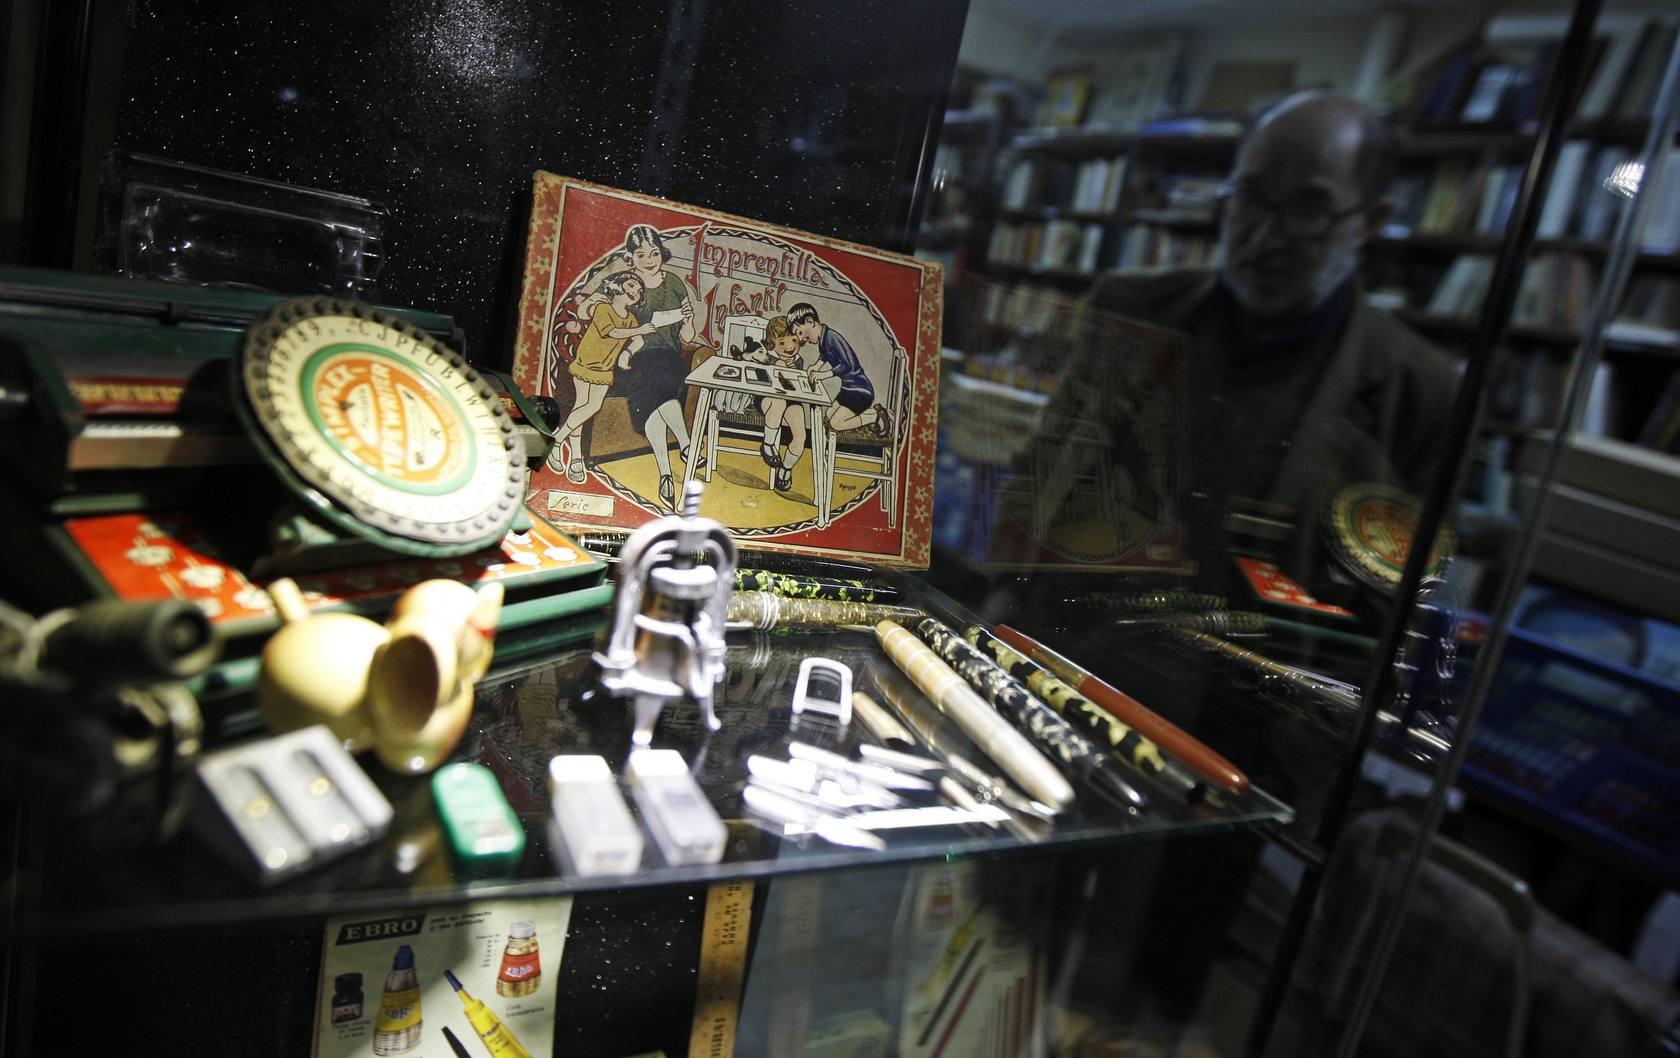 Viaje al pasado en el almacén de la librería Raíces, Alicante